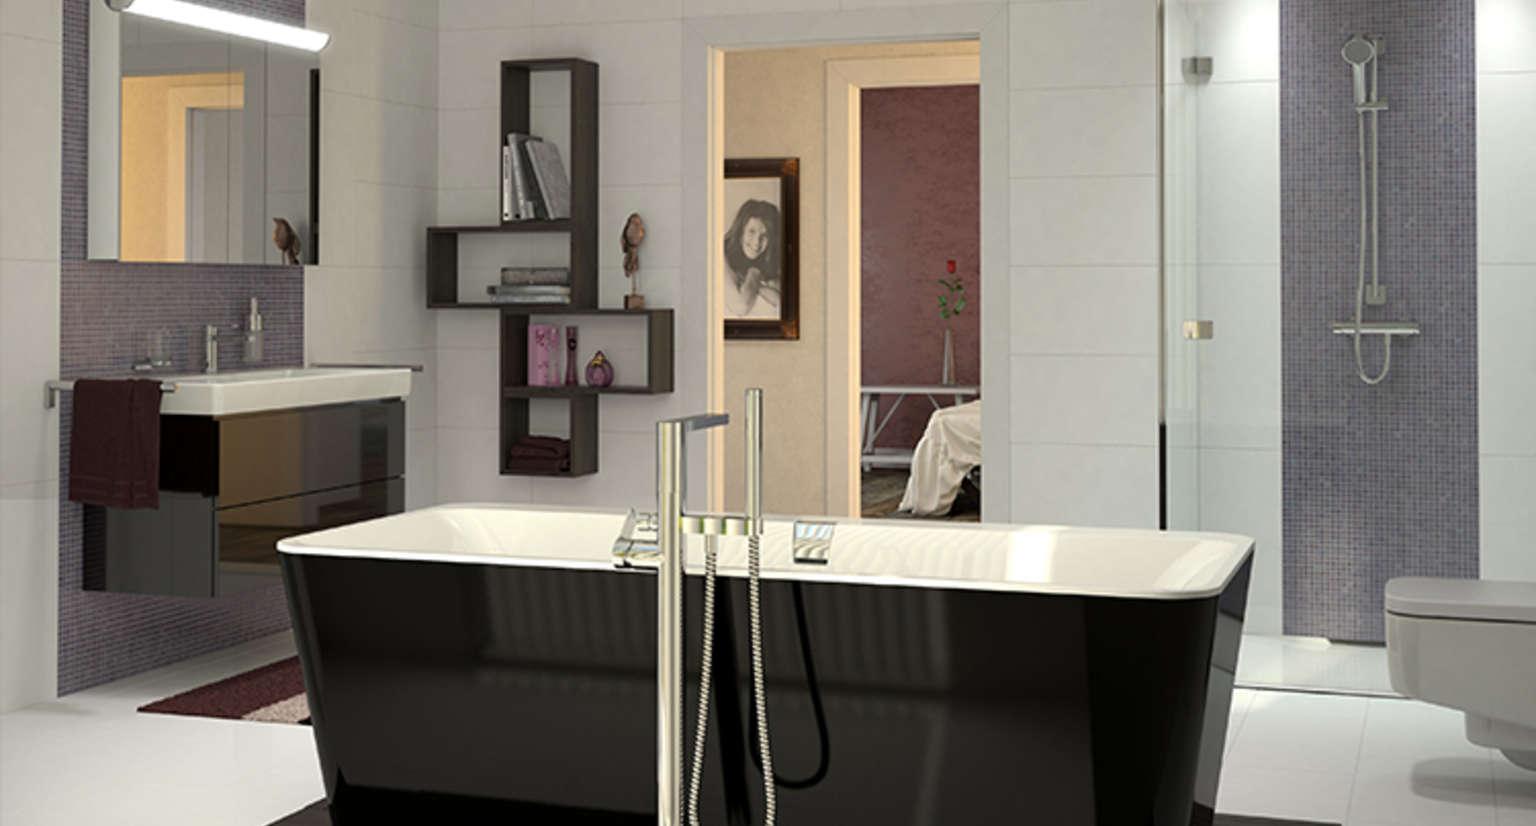 Miroir salle de bain lumiere integree for Lumiere salle de bain